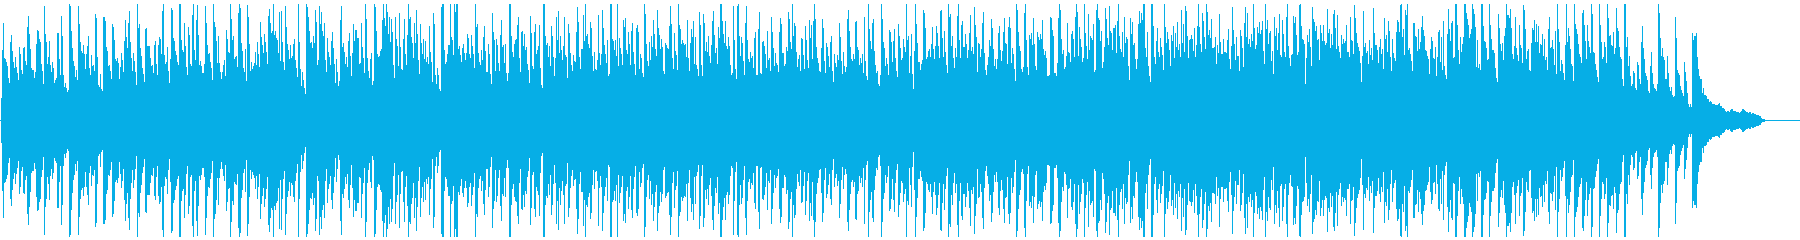 ハワイに行きたくなるハッピーなウクレレ曲の再生済みの波形